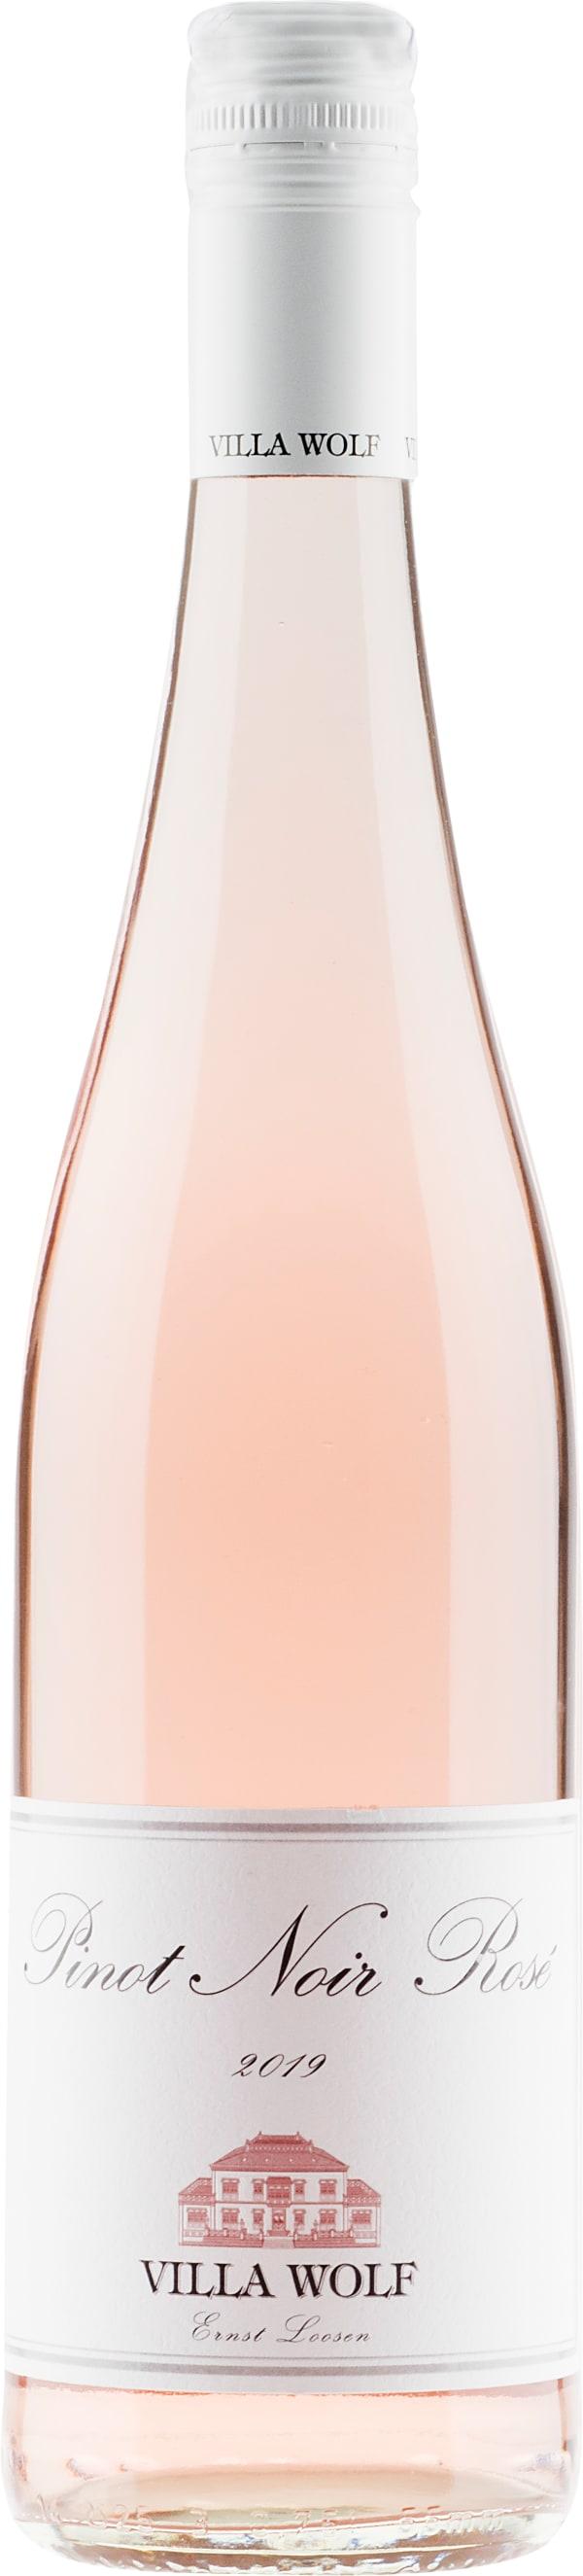 Villa Wolf Pinot Noir Rosé 2019